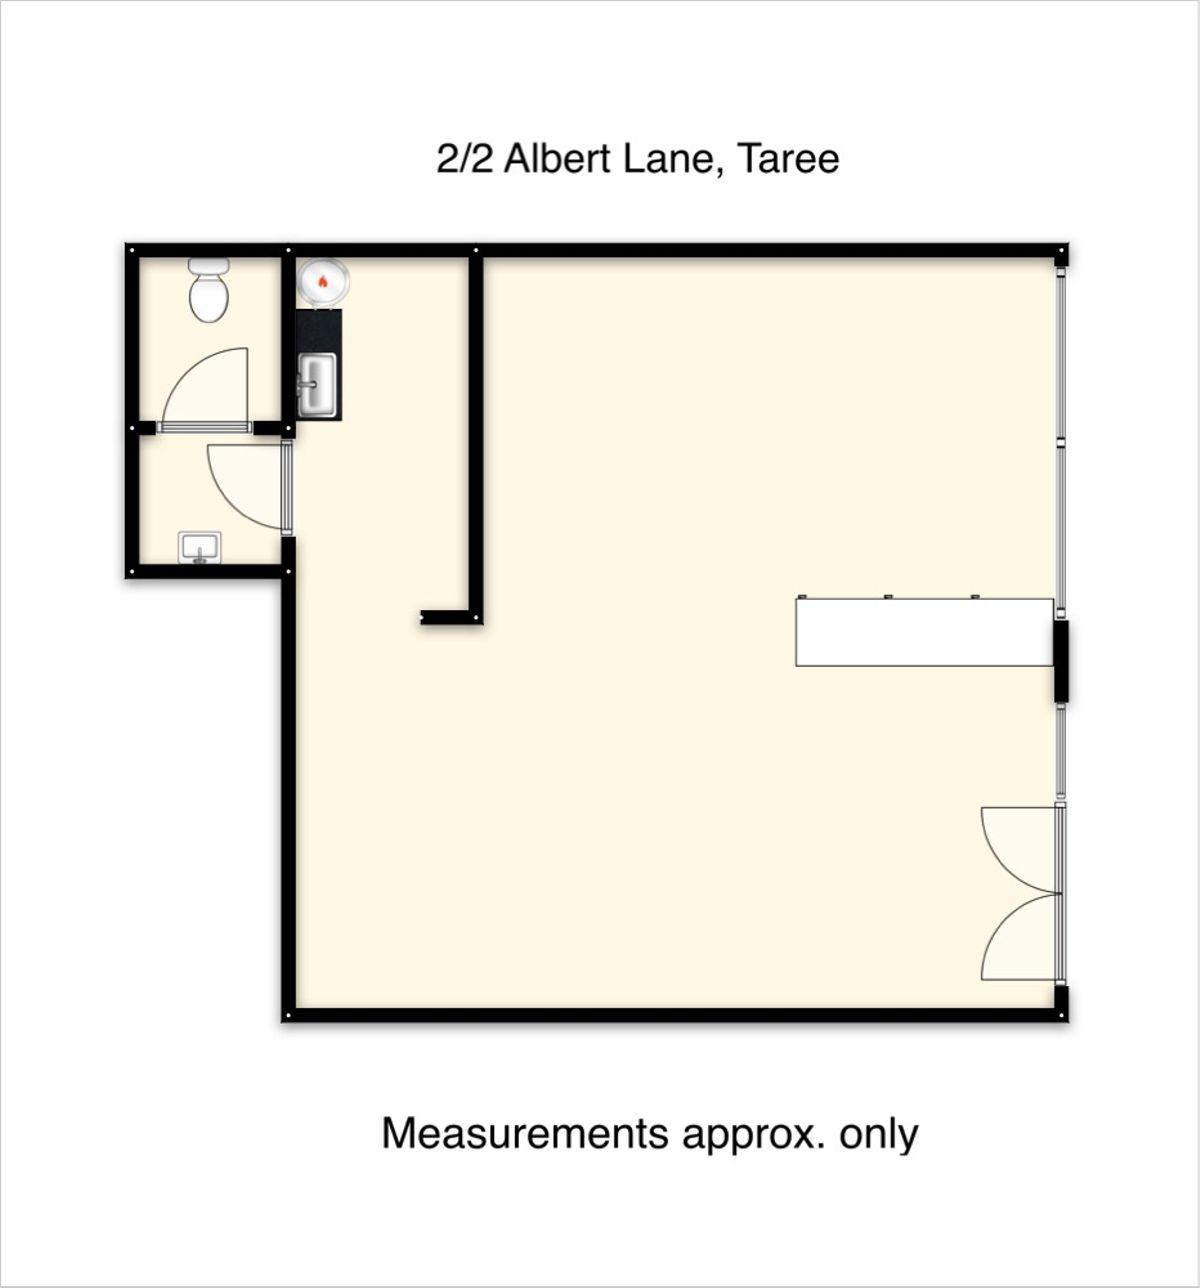 2/2 Albert Lane, Taree, NSW 2430